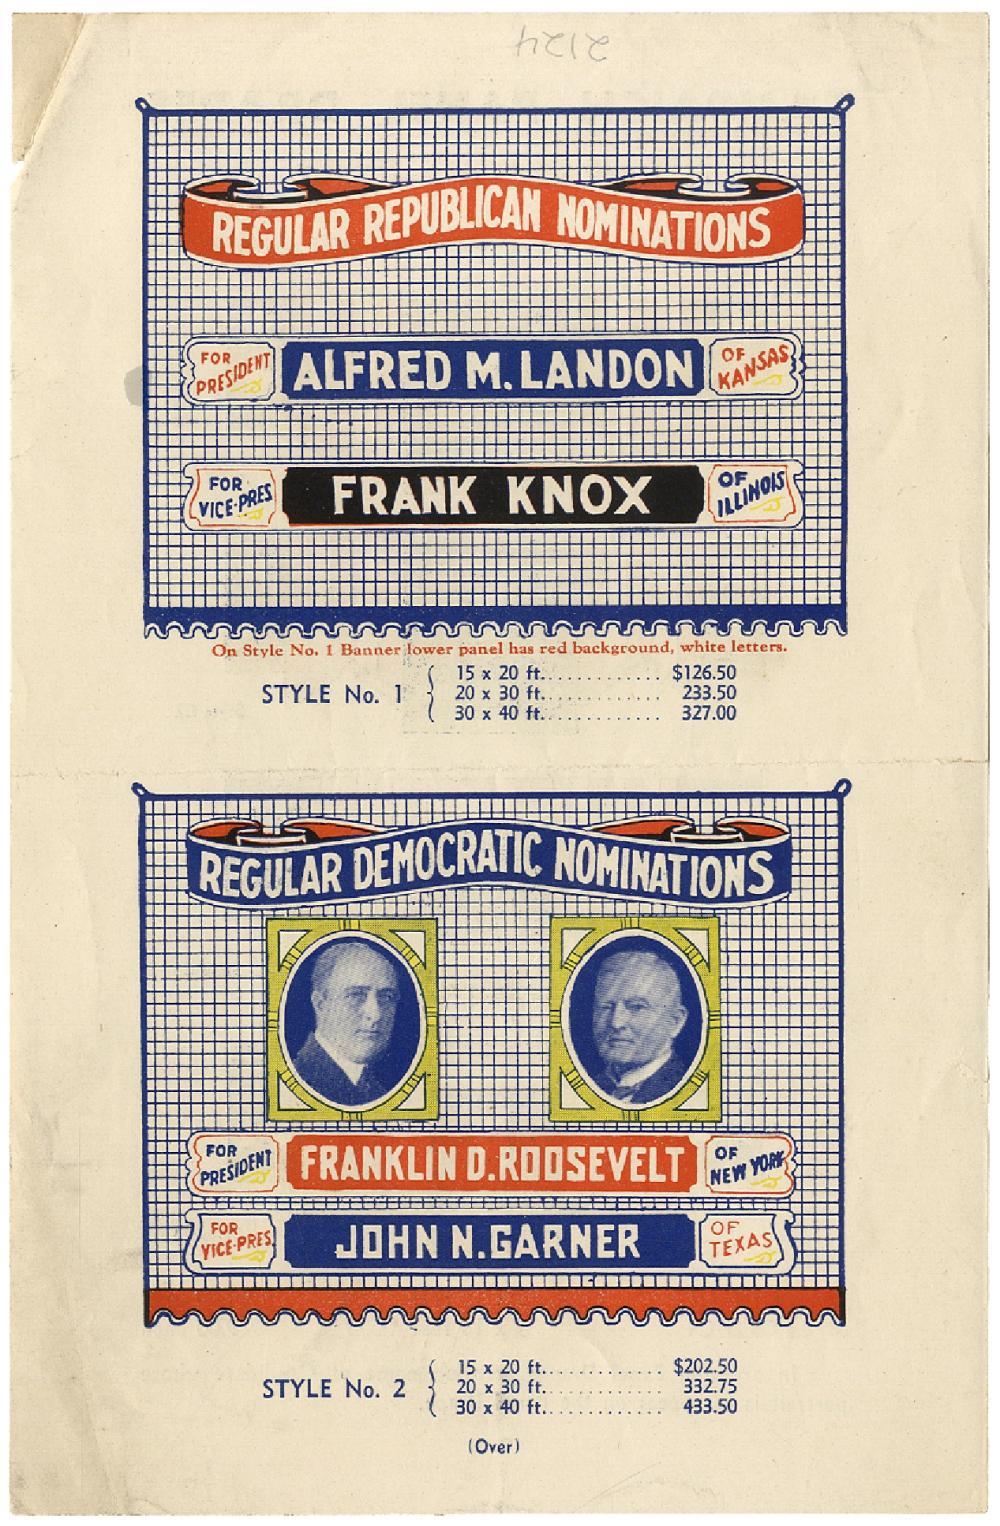 1936 ADVERTISING FOR PRESIDENTIAL PANEL DRAPES